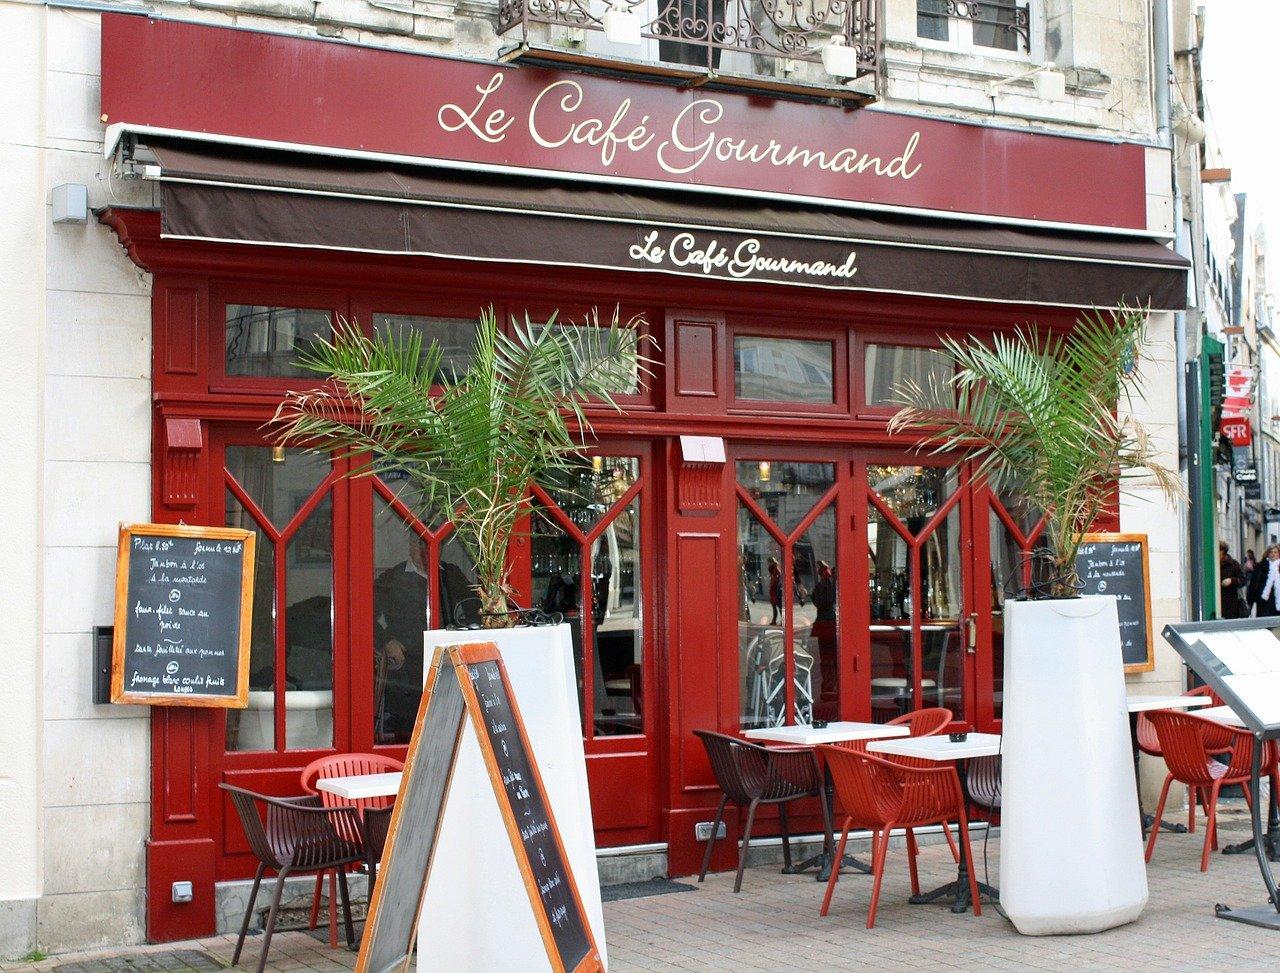 cafenele, cafe gourmande, french, café-258201.jpg